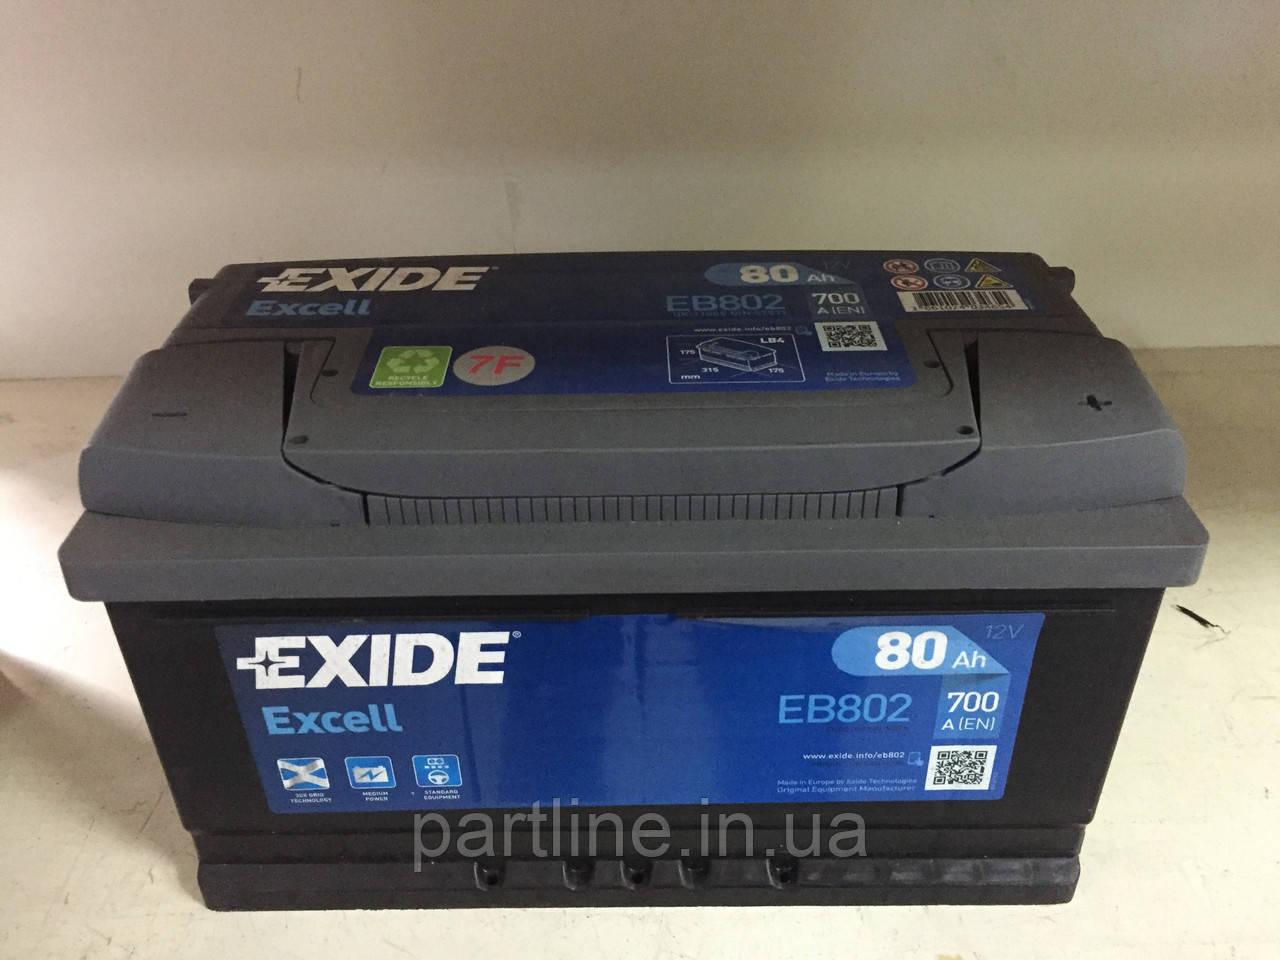 Аккумулятор EXIDE EXCELL 6СТ-80 Евро ( ЕВ802 ), 700En, габариты 315х175х175, гарантия 24 мес.